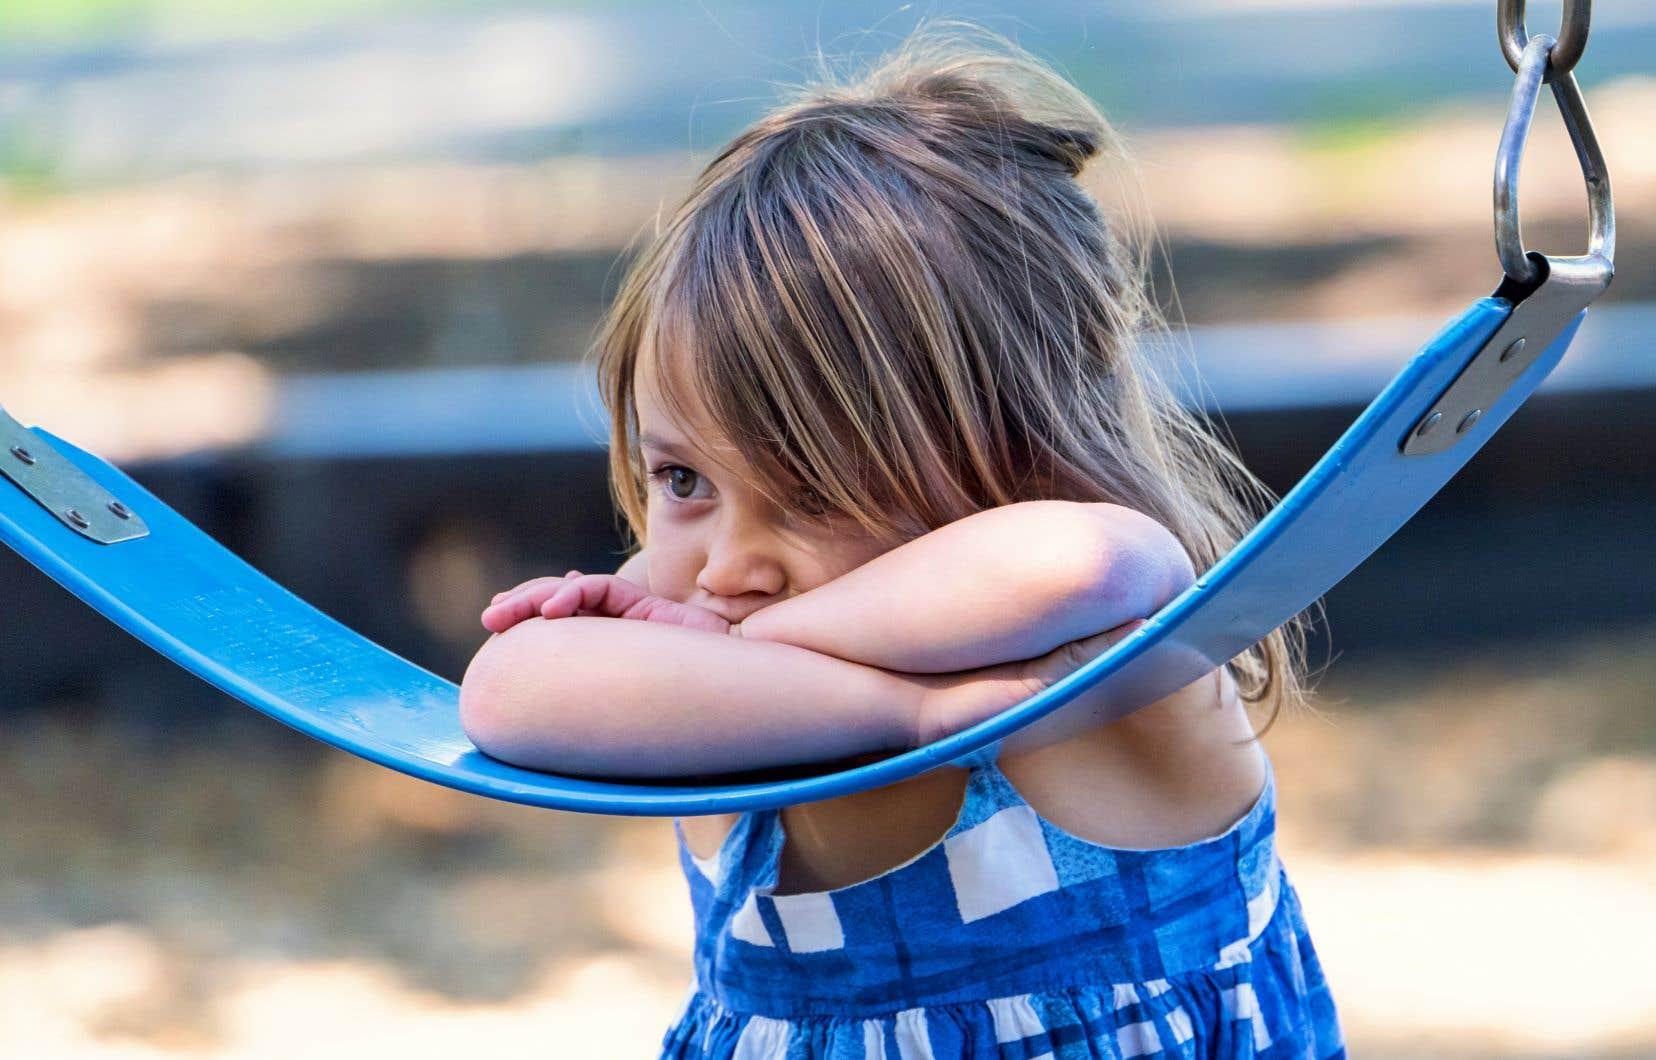 Selon la directrice de l'Observatoire des tout-petits, il ne faut pas sous-estimer l'impact sur les enfants de se faire crier après, de se faire menacer d'être abandonné, de se faire humilier ou traiter de stupide ou paresseux. Cela aura un impact sur son estime de soi et son développement.